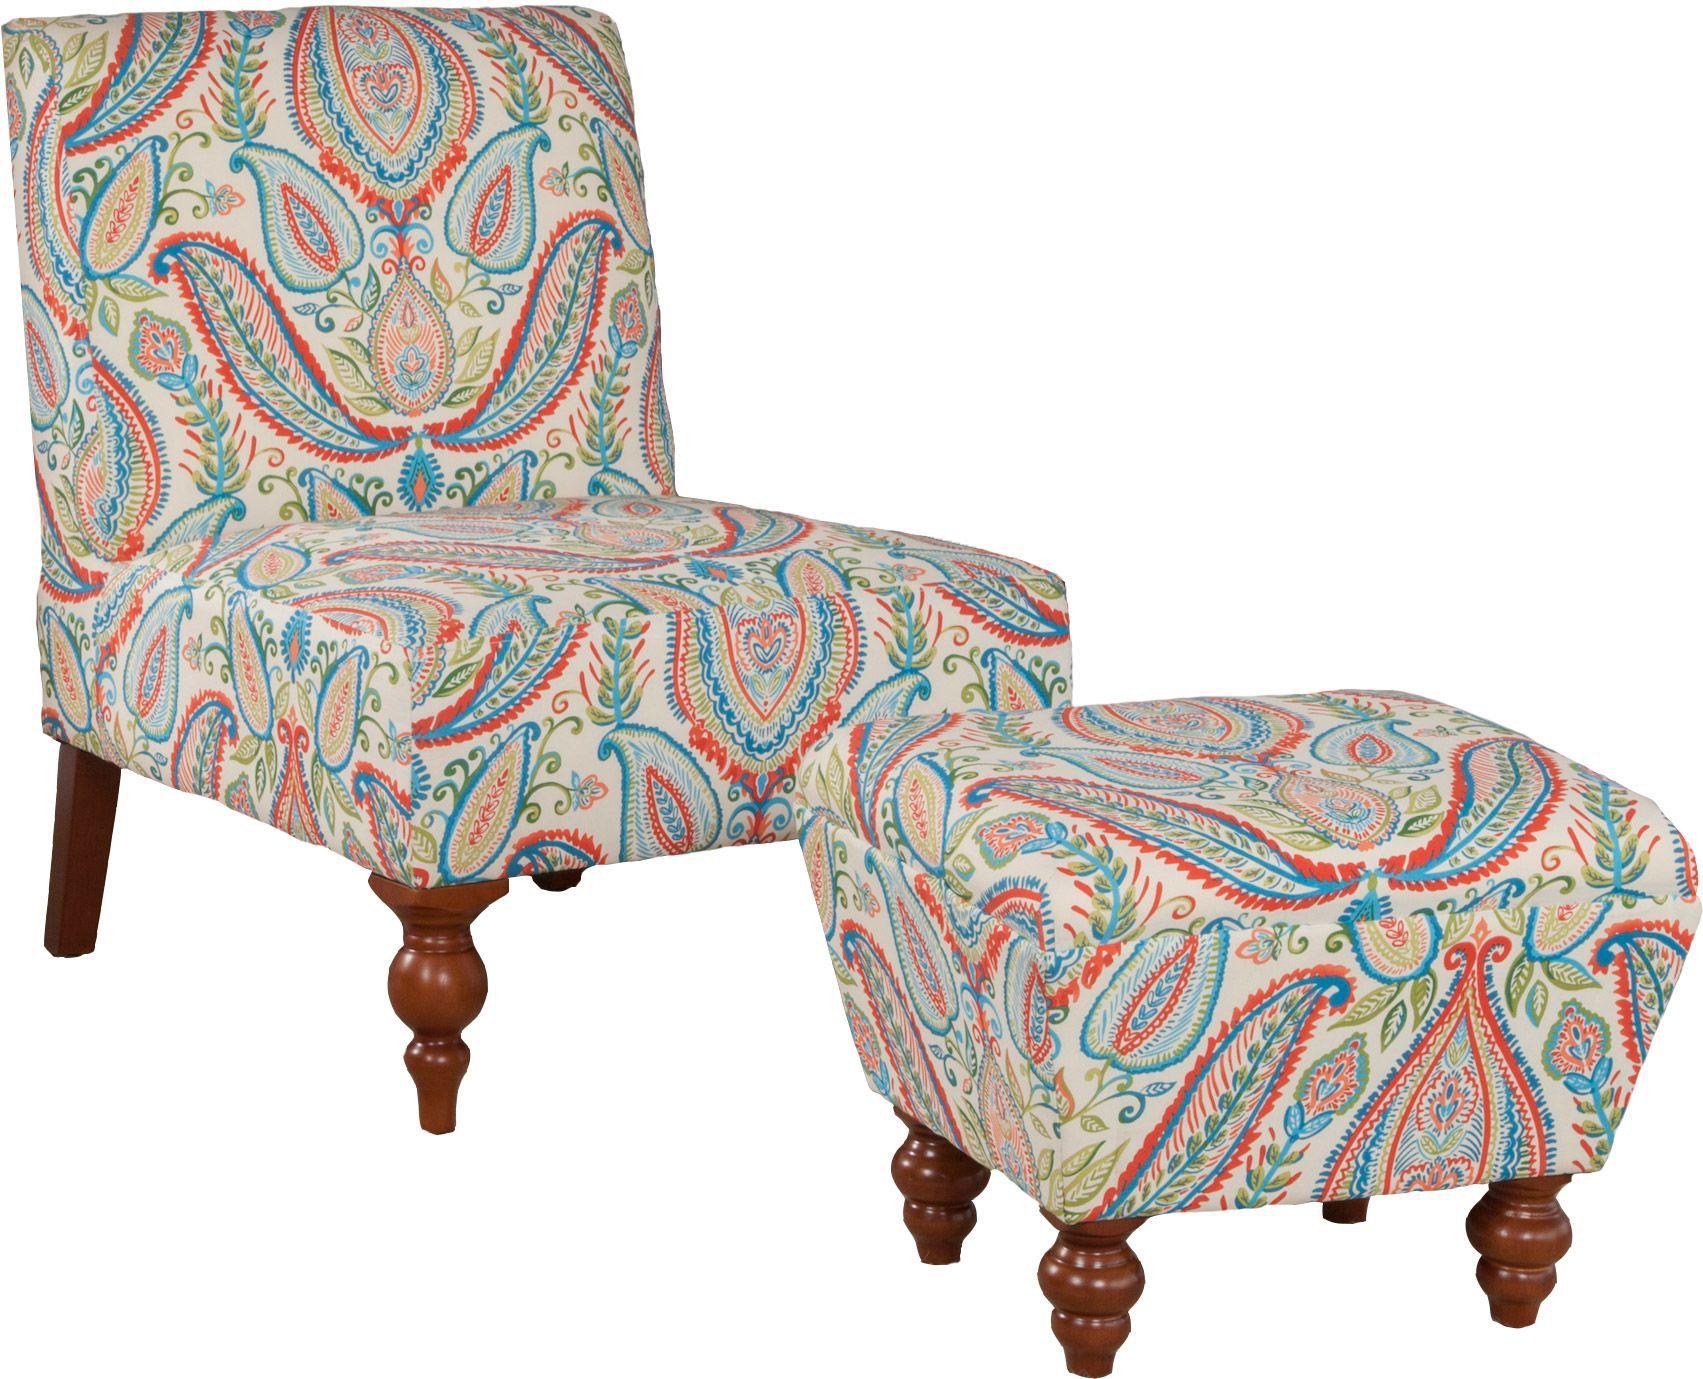 Robert Allen Slipper Chair and Ottoman